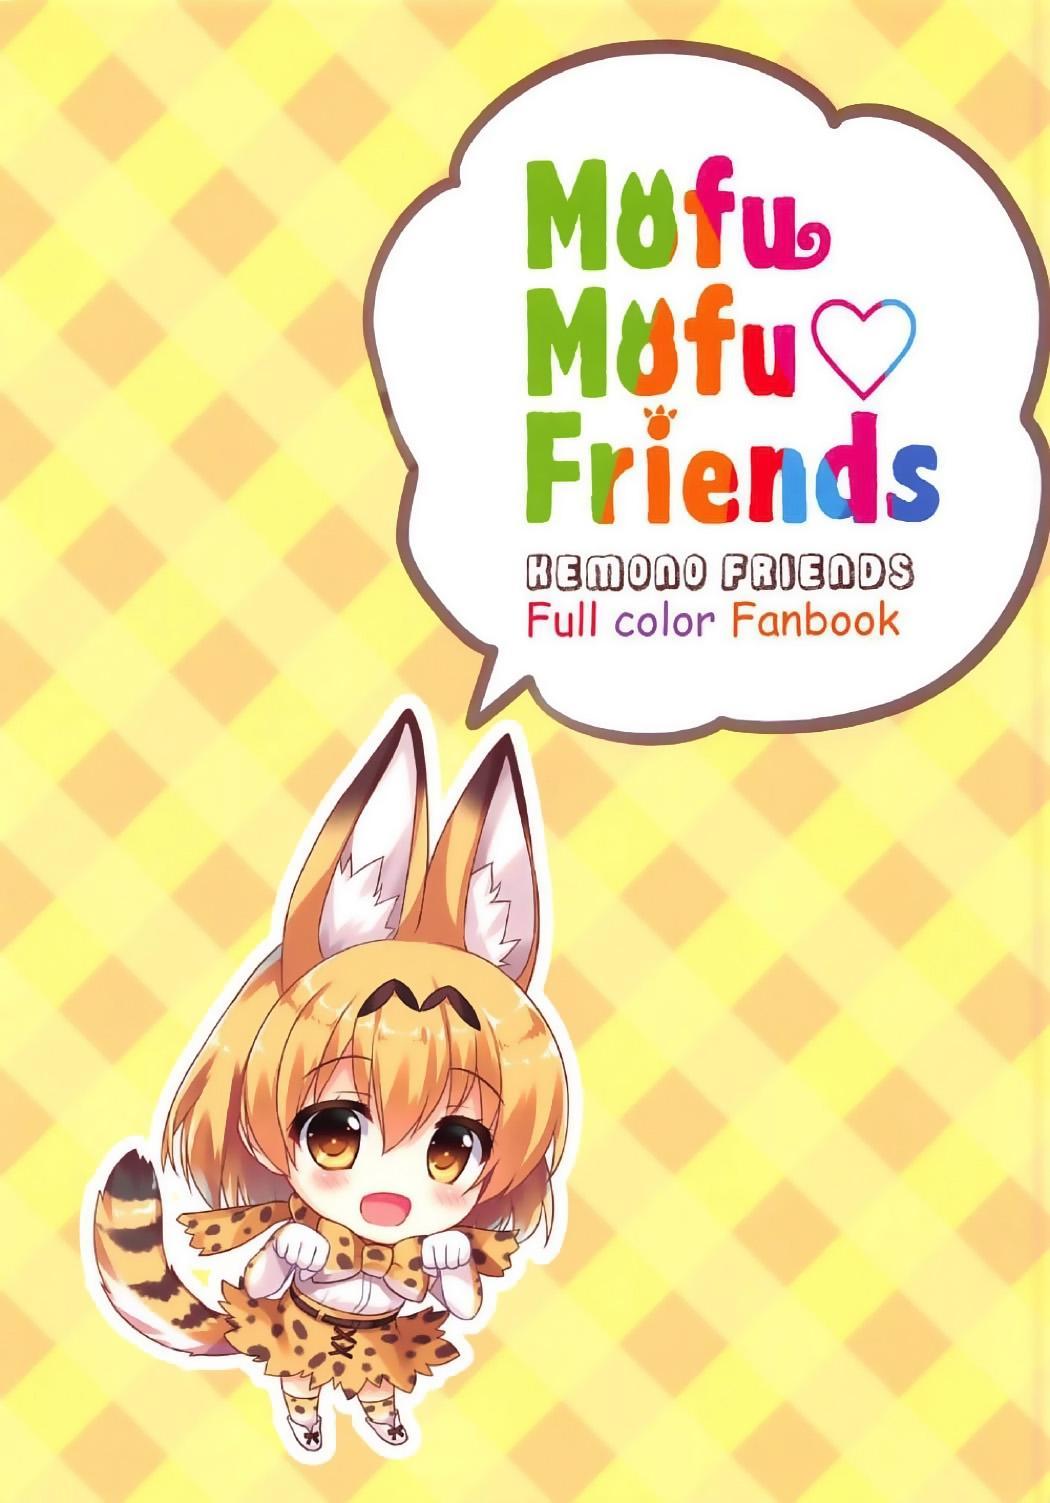 Mofu Mofu Friends 2